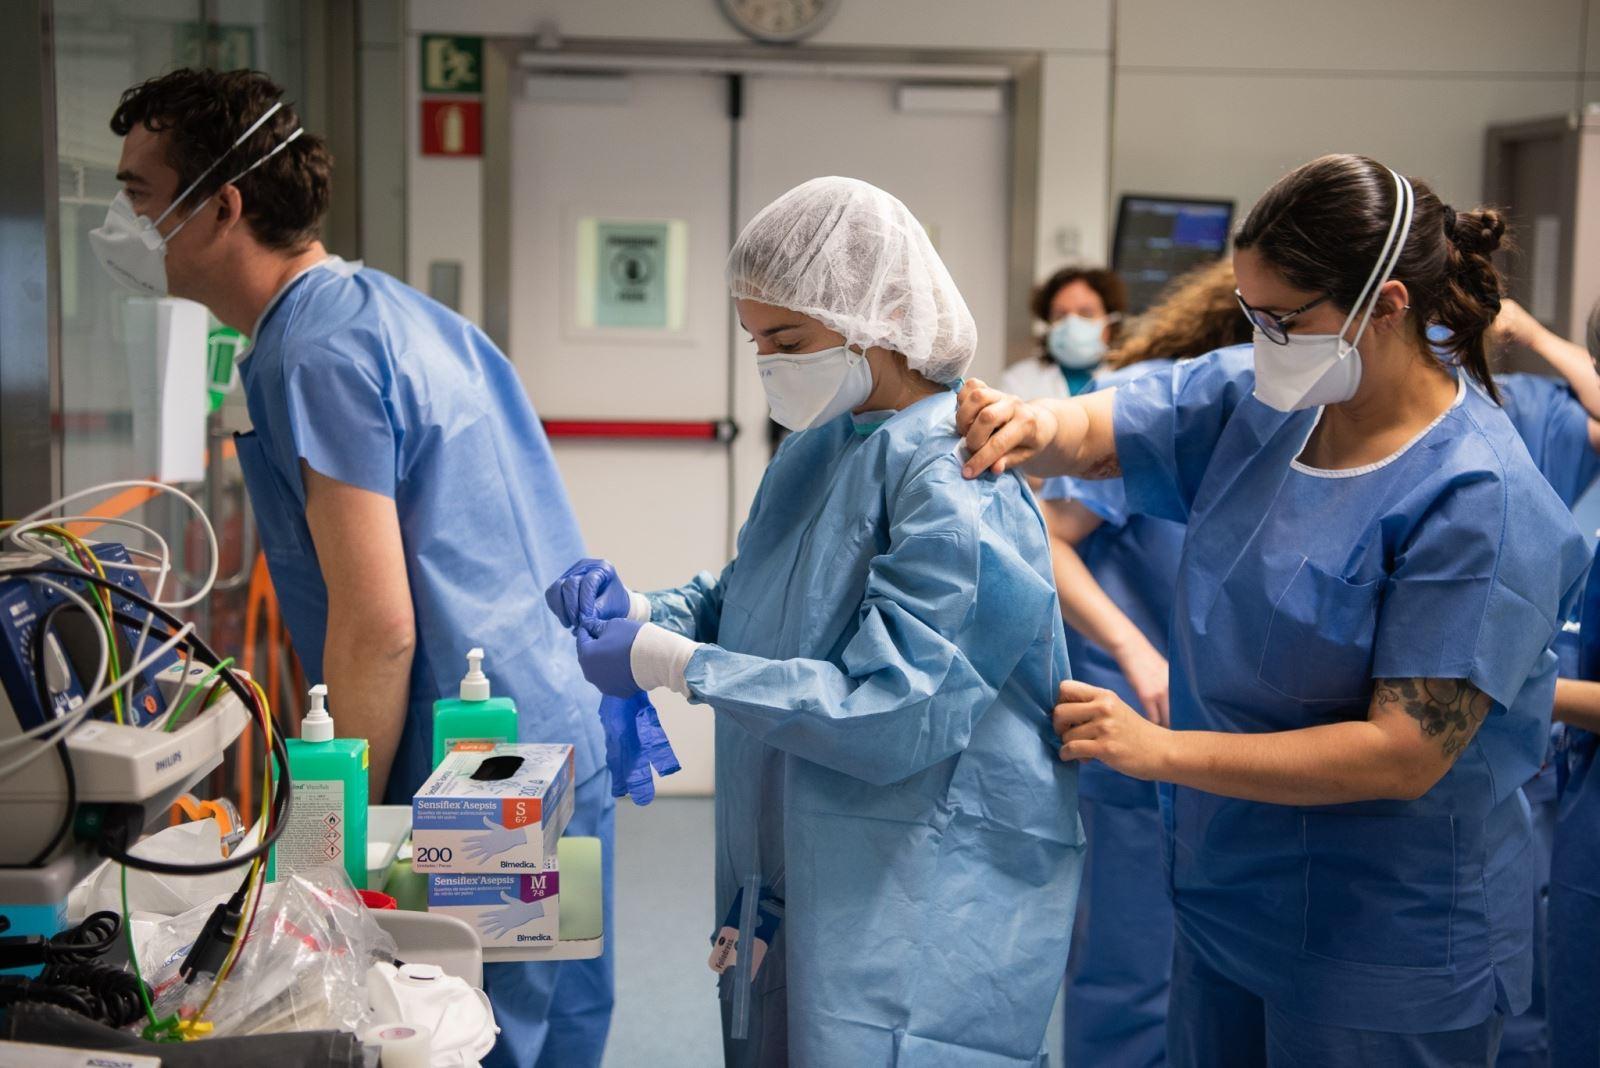 Nhân viên y tế làm việc tại bệnh viện điều trị cho bệnh nhân nhiễm COVID-19 ở Barcelona, Tây Ban Nha. Ảnh: THX- TTXVN